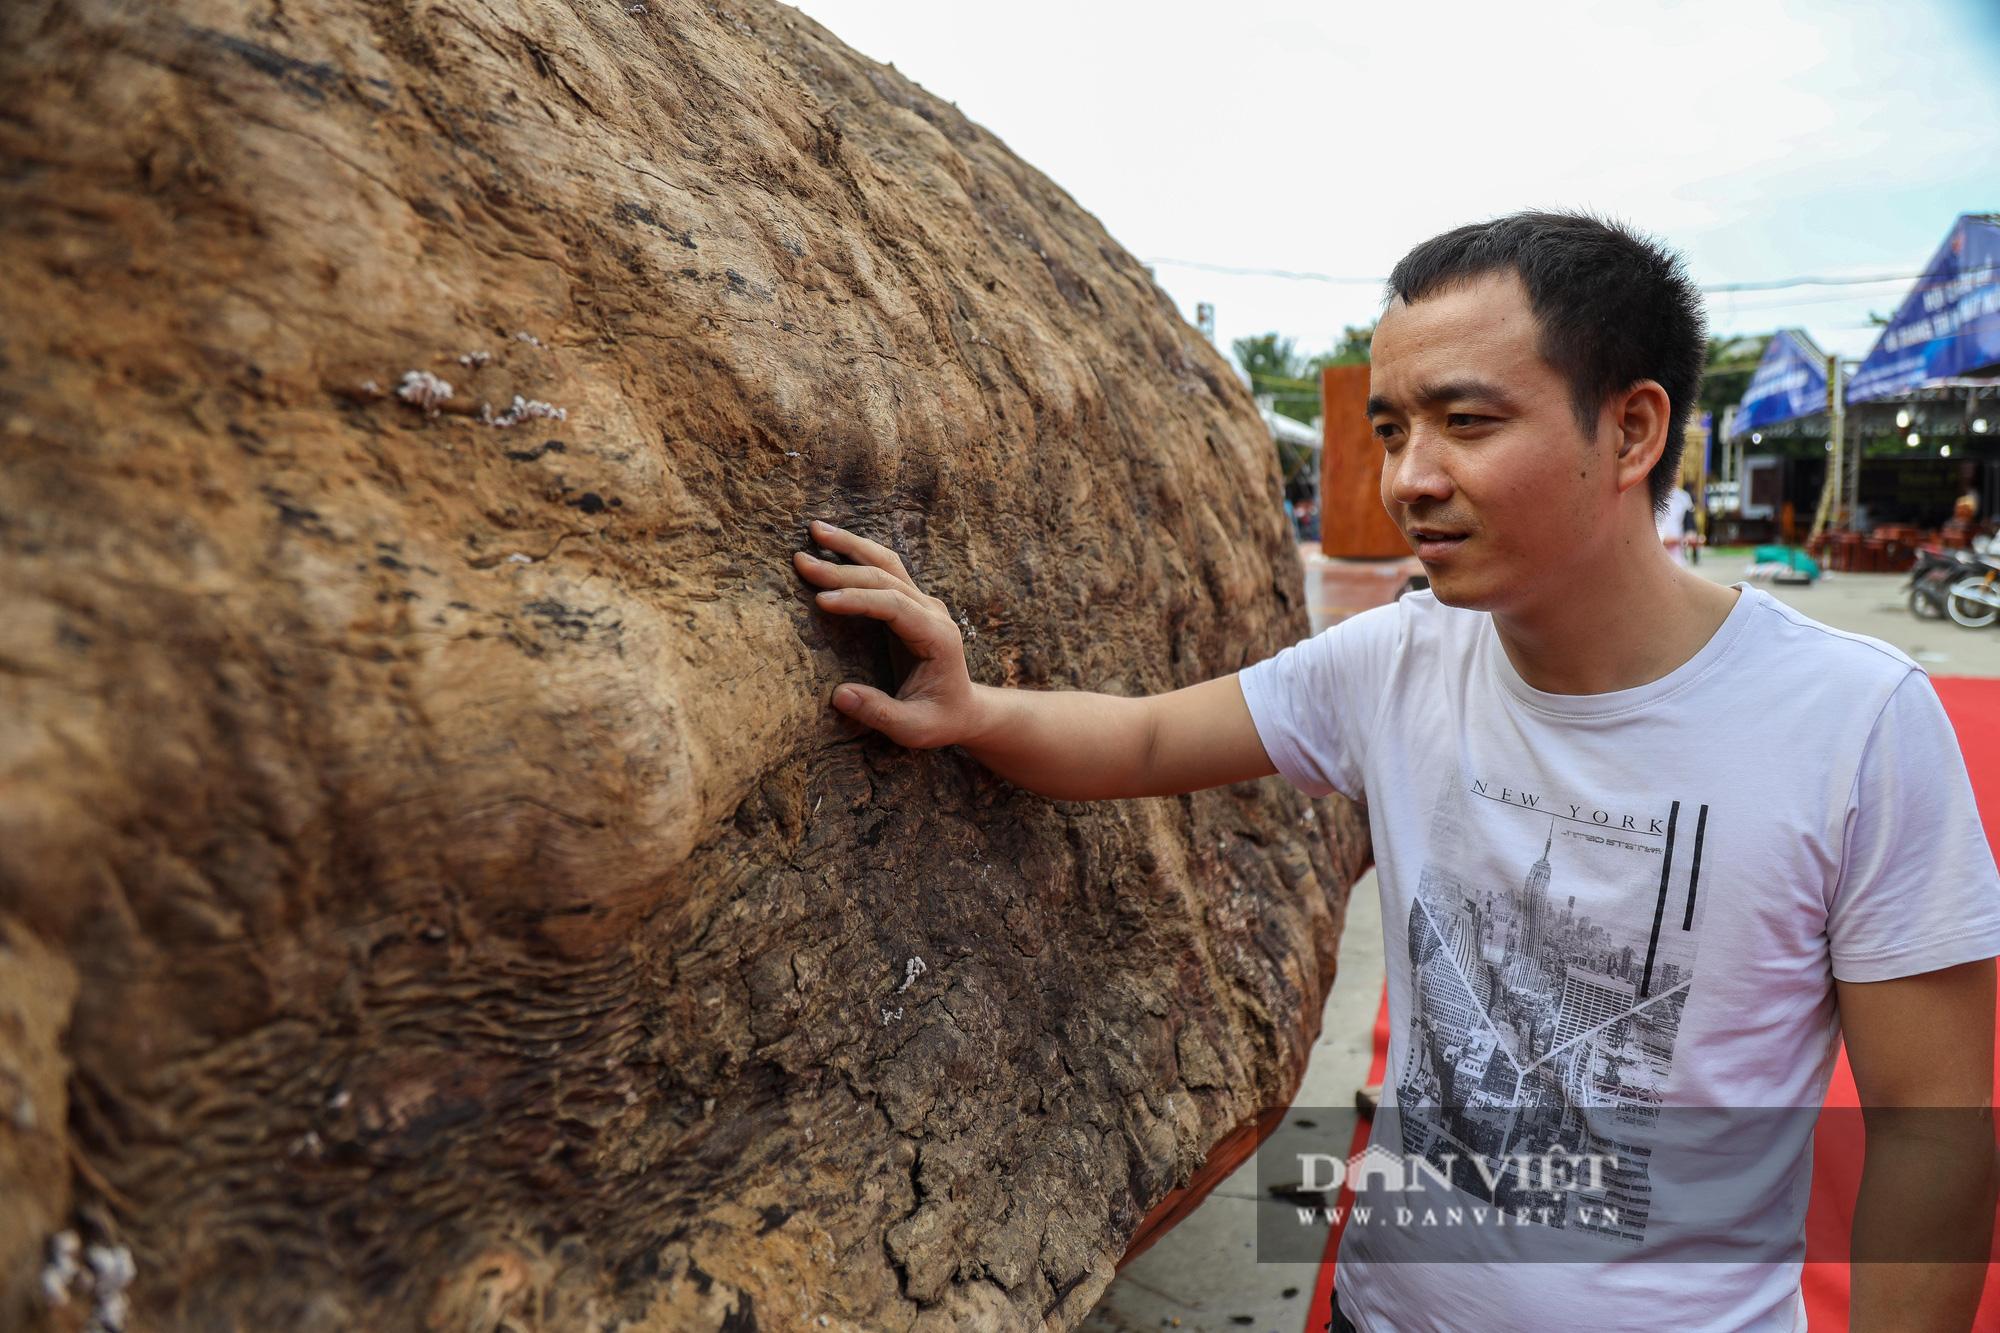 Ngỡ ngàng khúc gỗ 10 tỷ đồng ở hội chợ đồ gỗ Hà Nội - Ảnh 7.